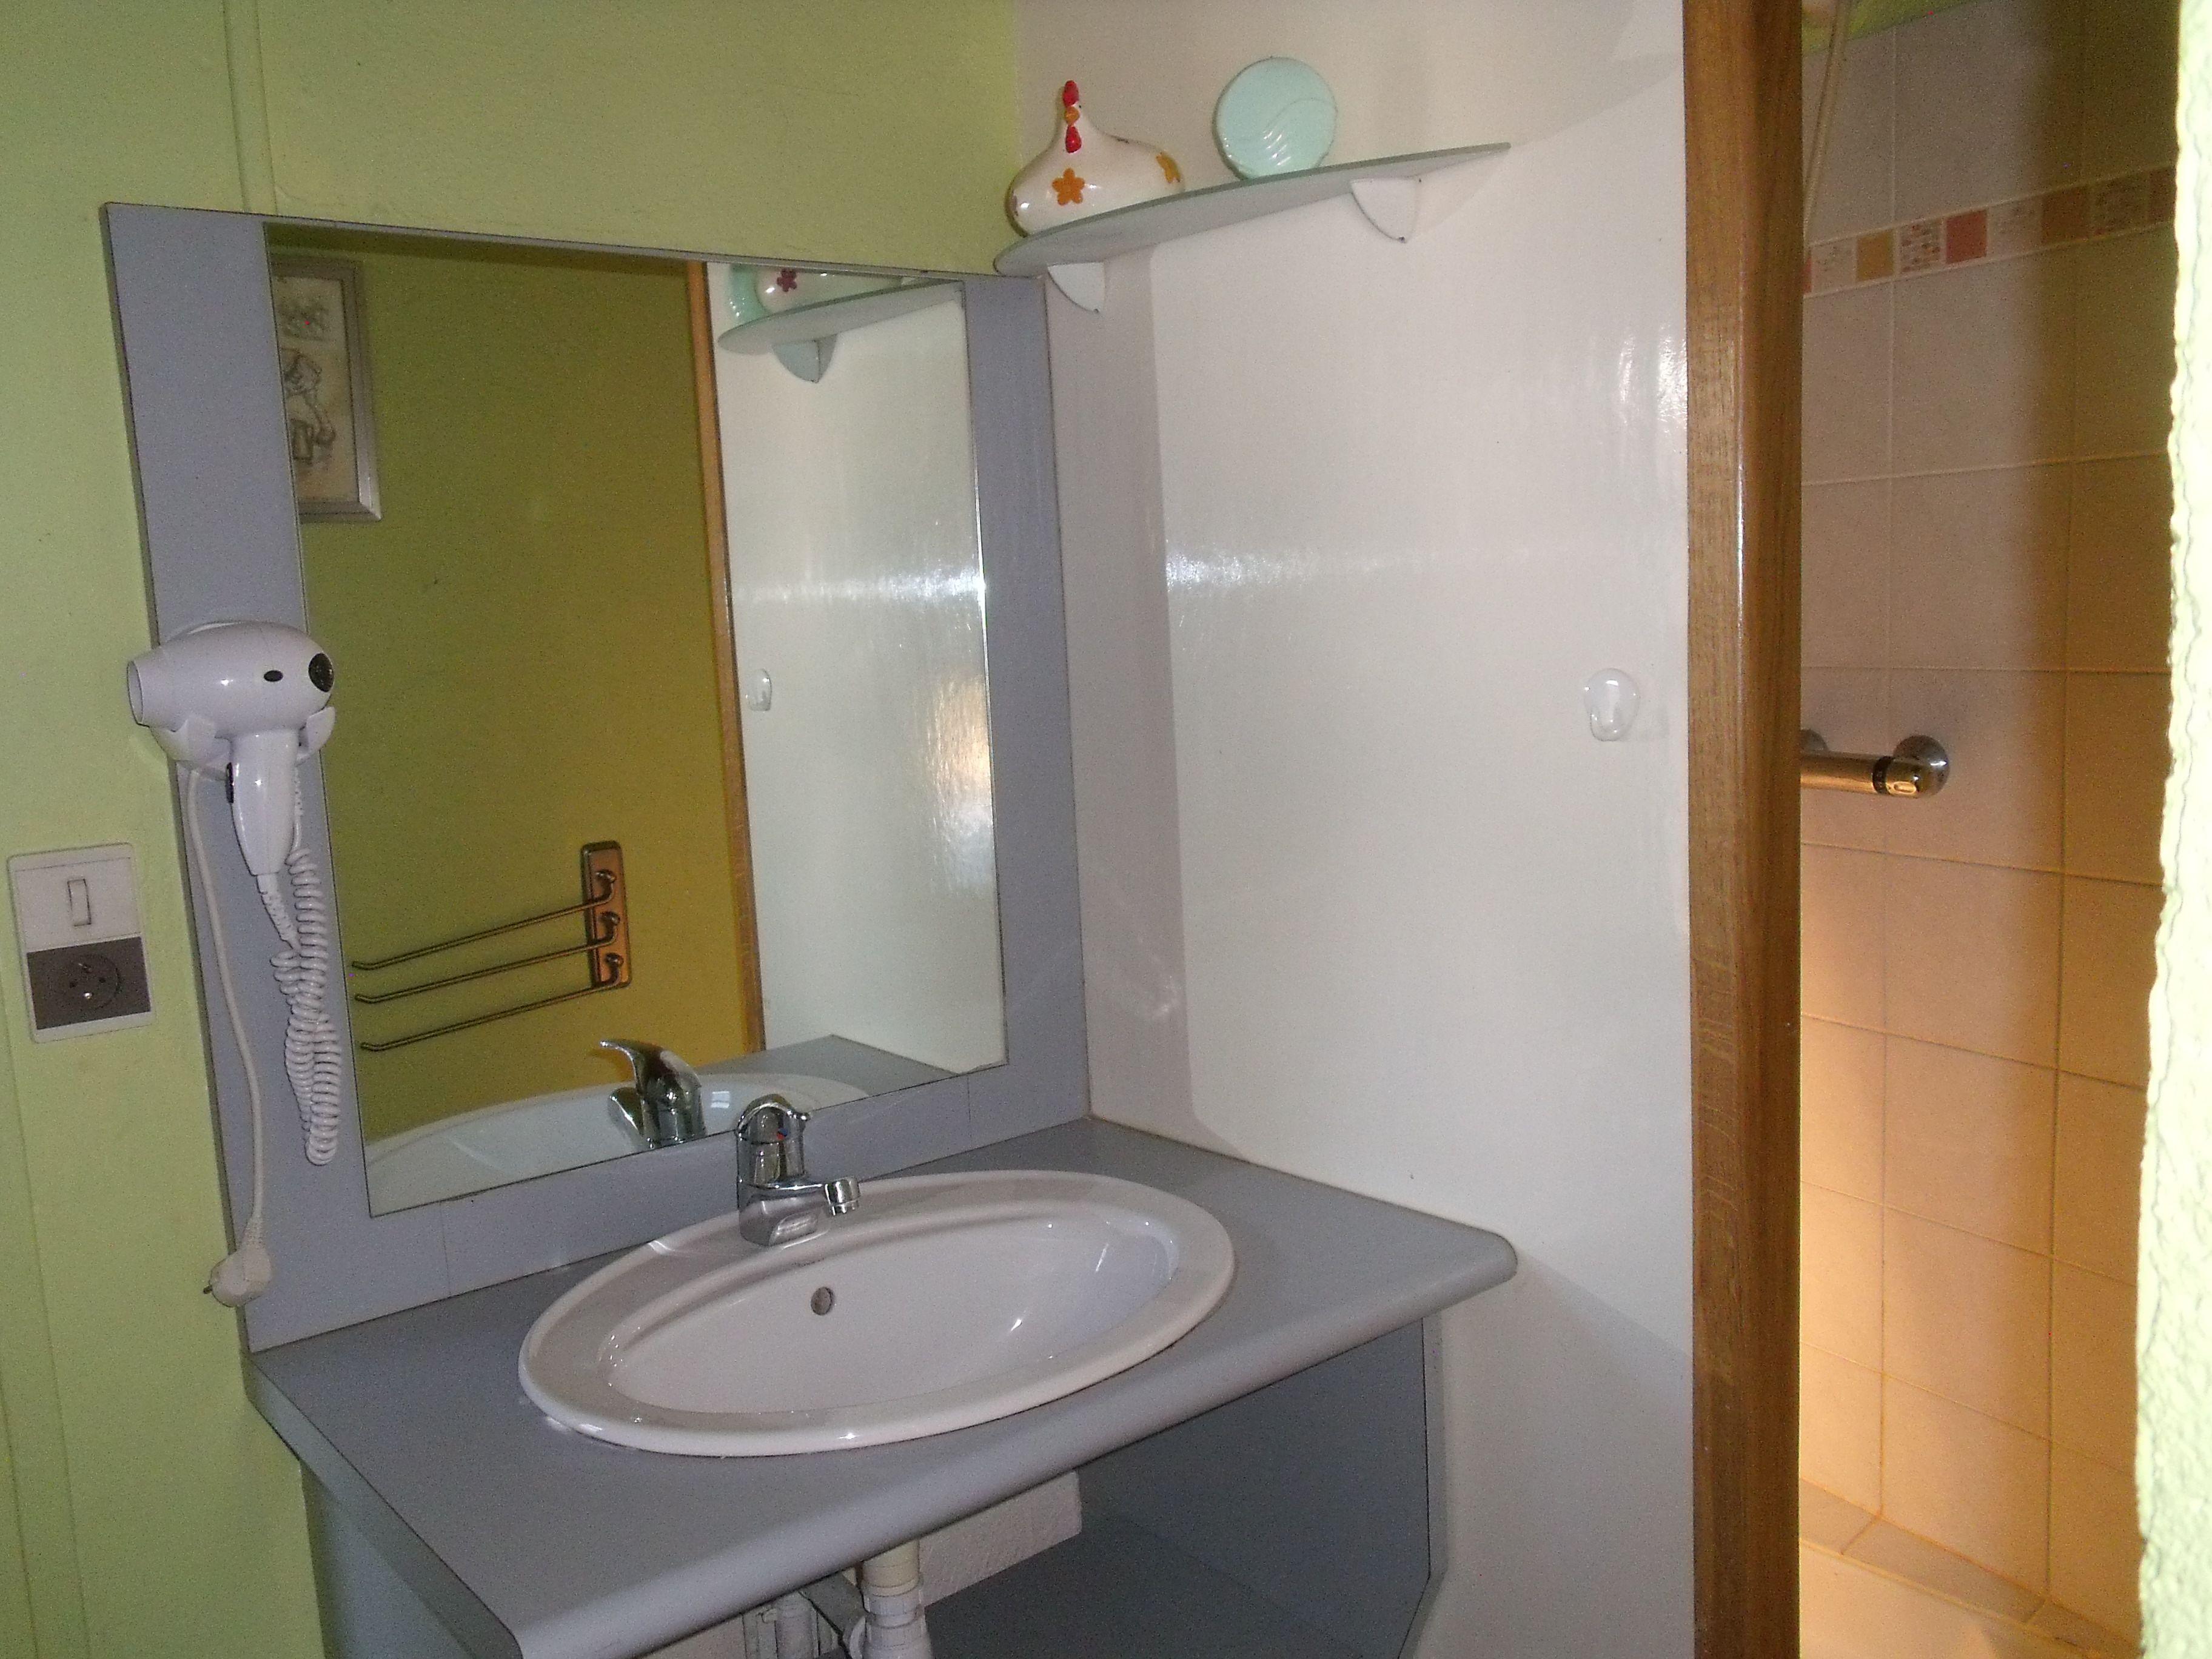 SE du 1er niveau avec WC et LL, 1 autre SE et 1 WC à l'étage